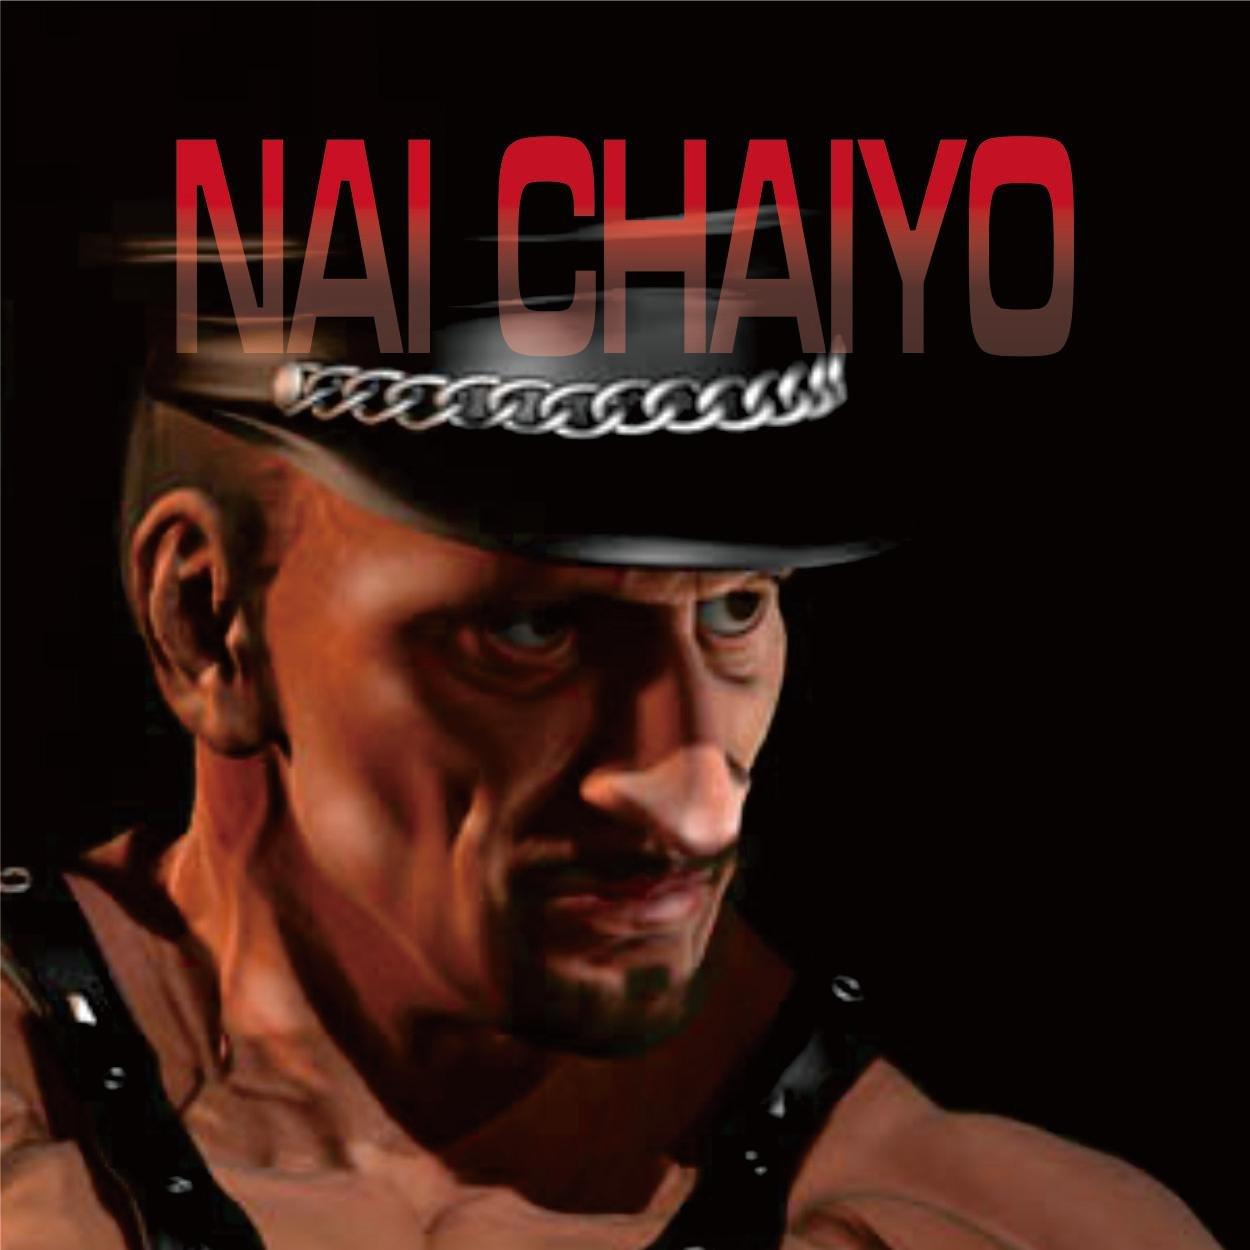 N-Chaiyo